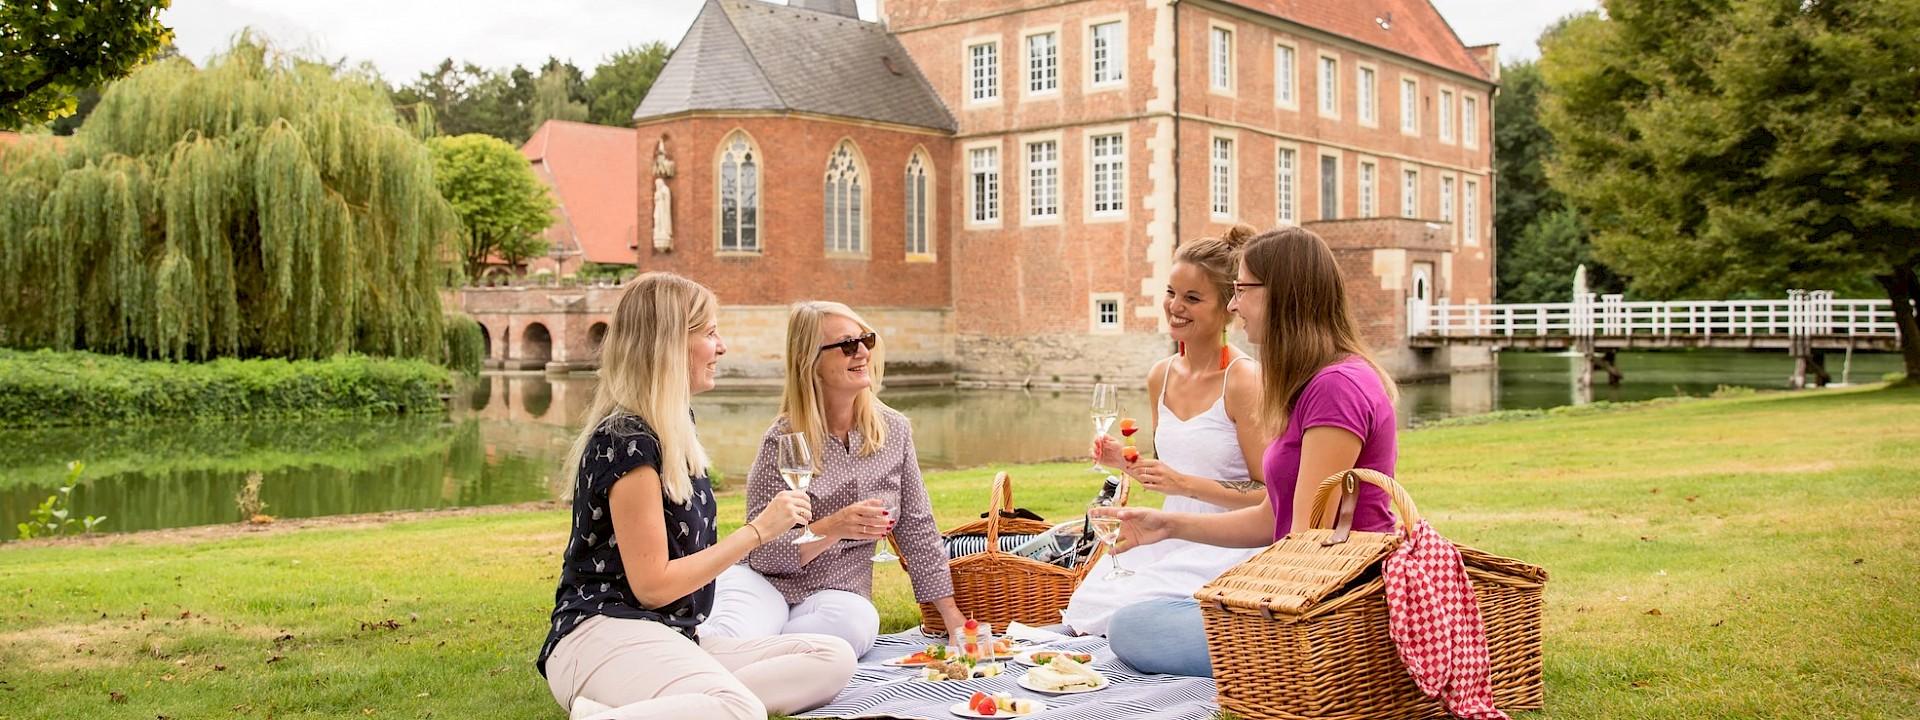 Picknicken im Park der Burg Hülshoff Das Hülshoff-Picknick